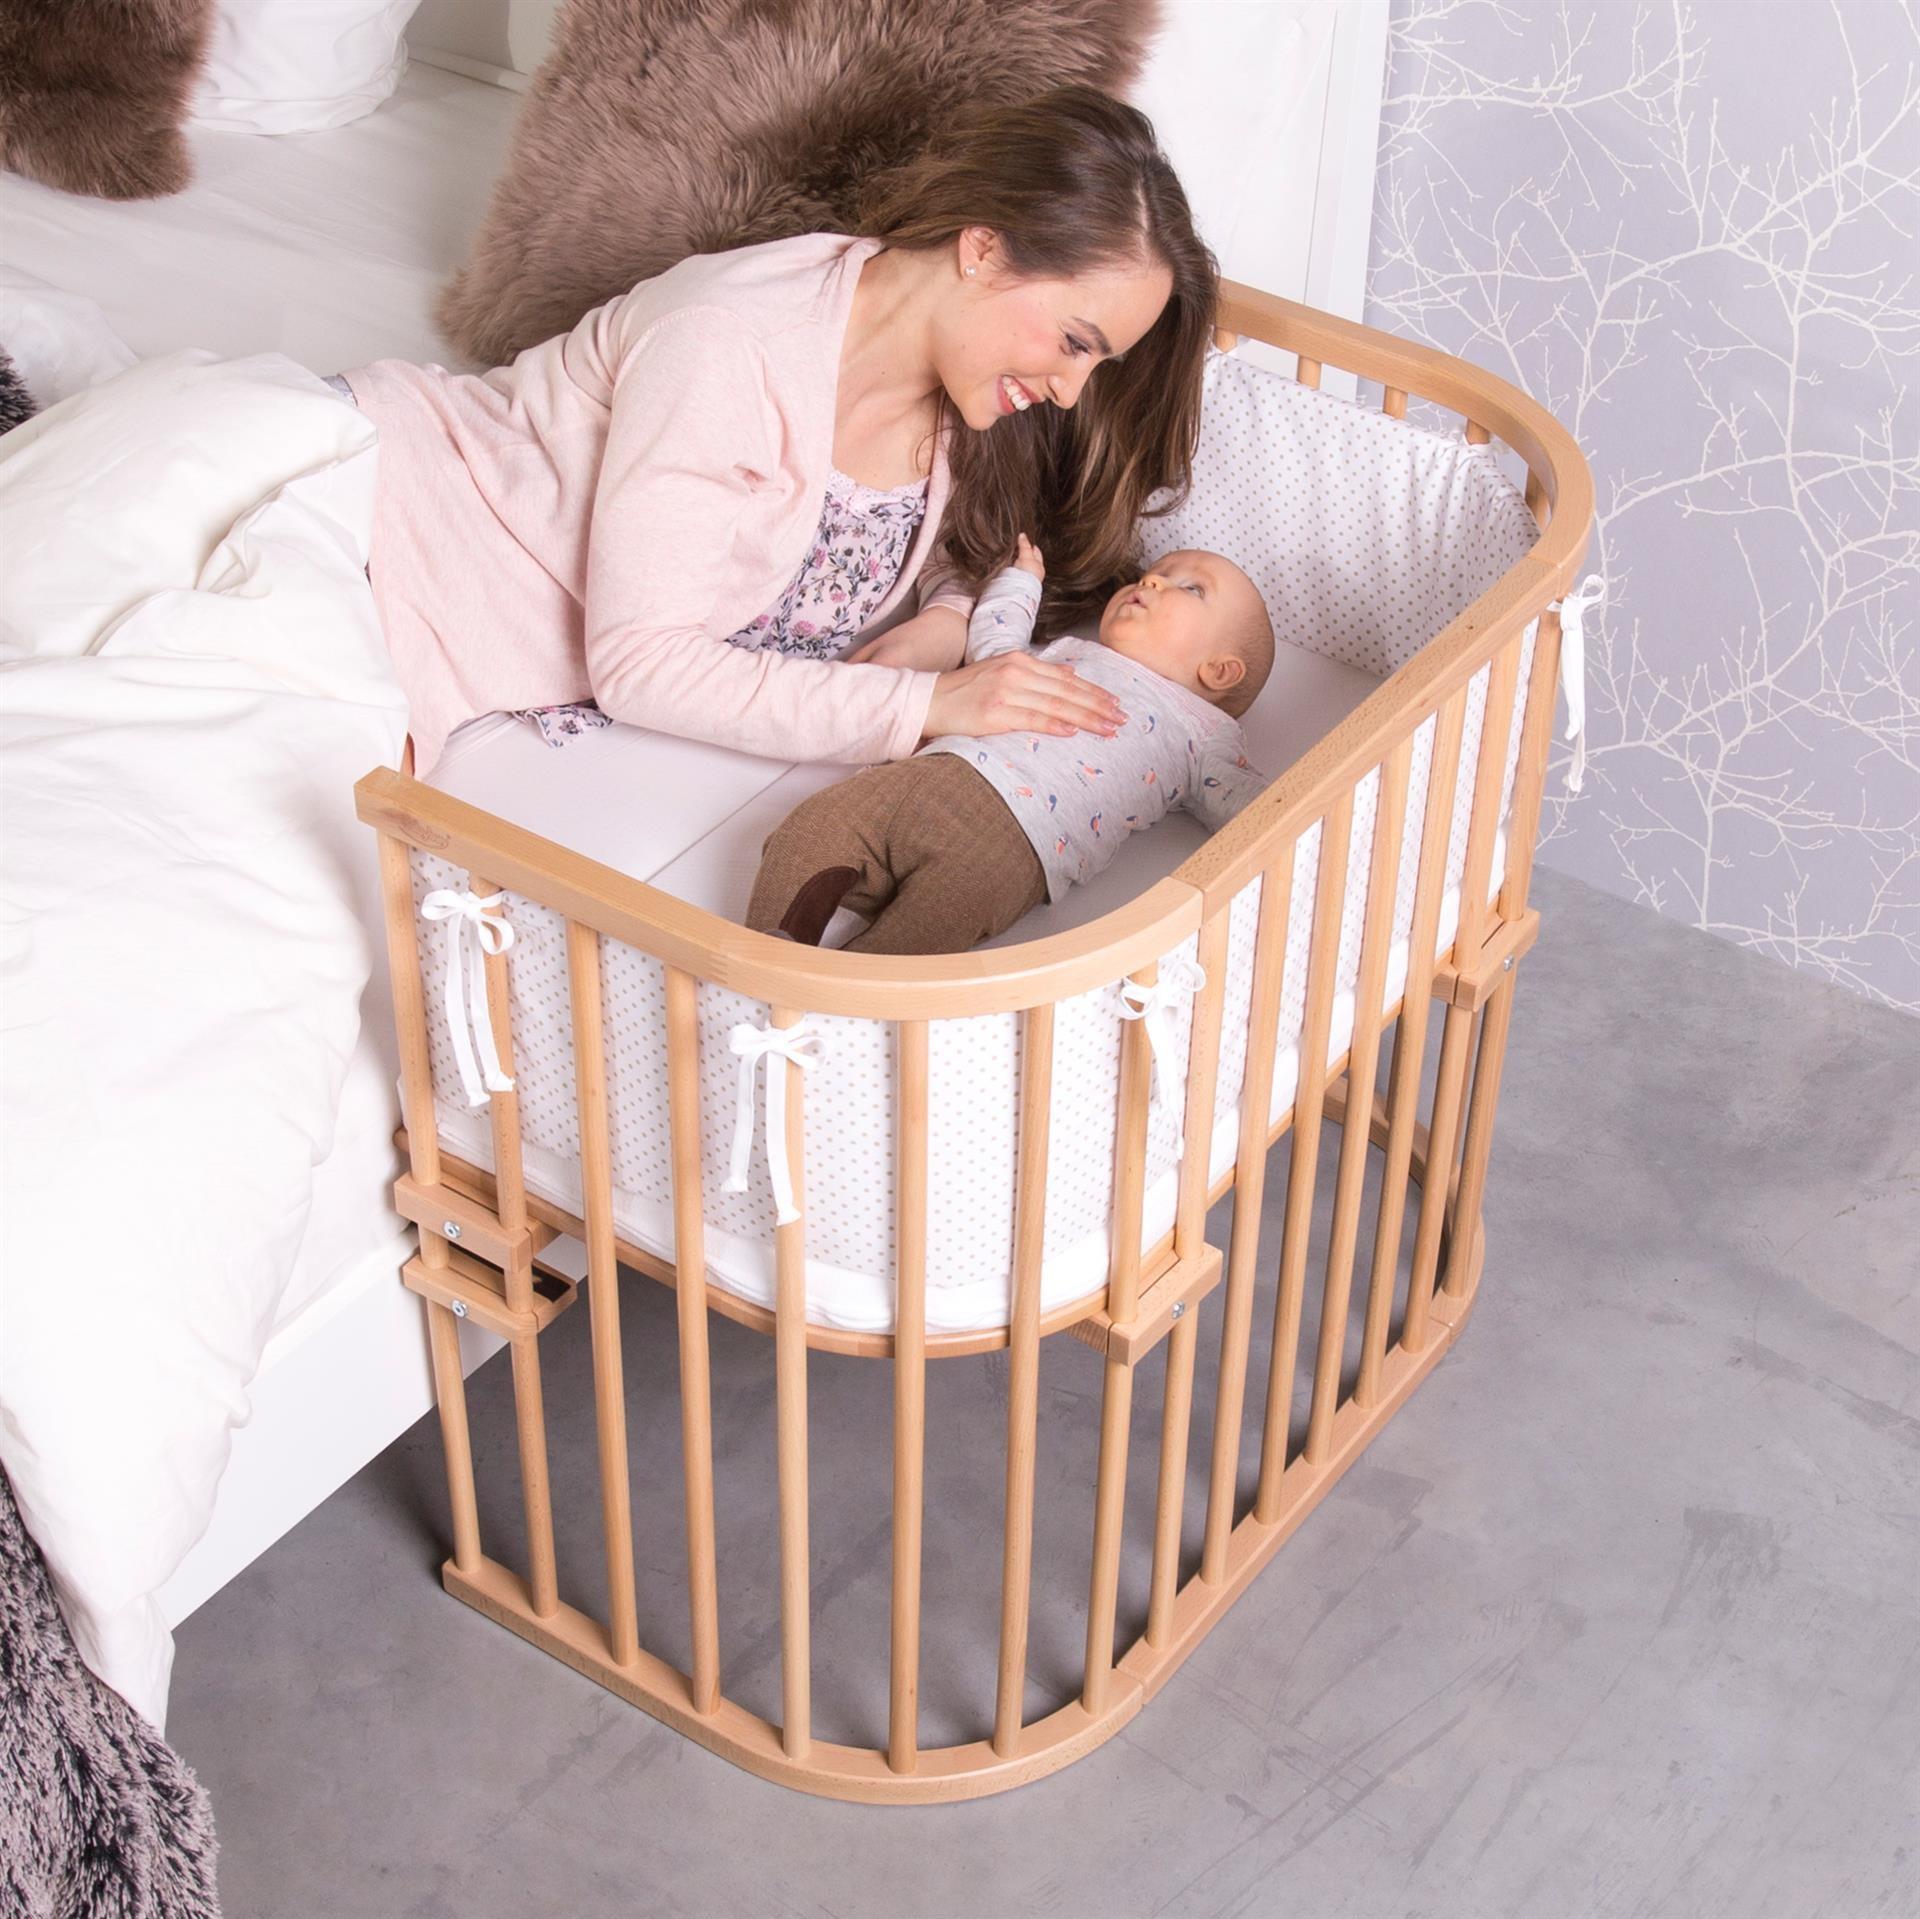 Slaap veilig samen met je baby, met een Babybay Co-slaper Maxi aanschuifbedje